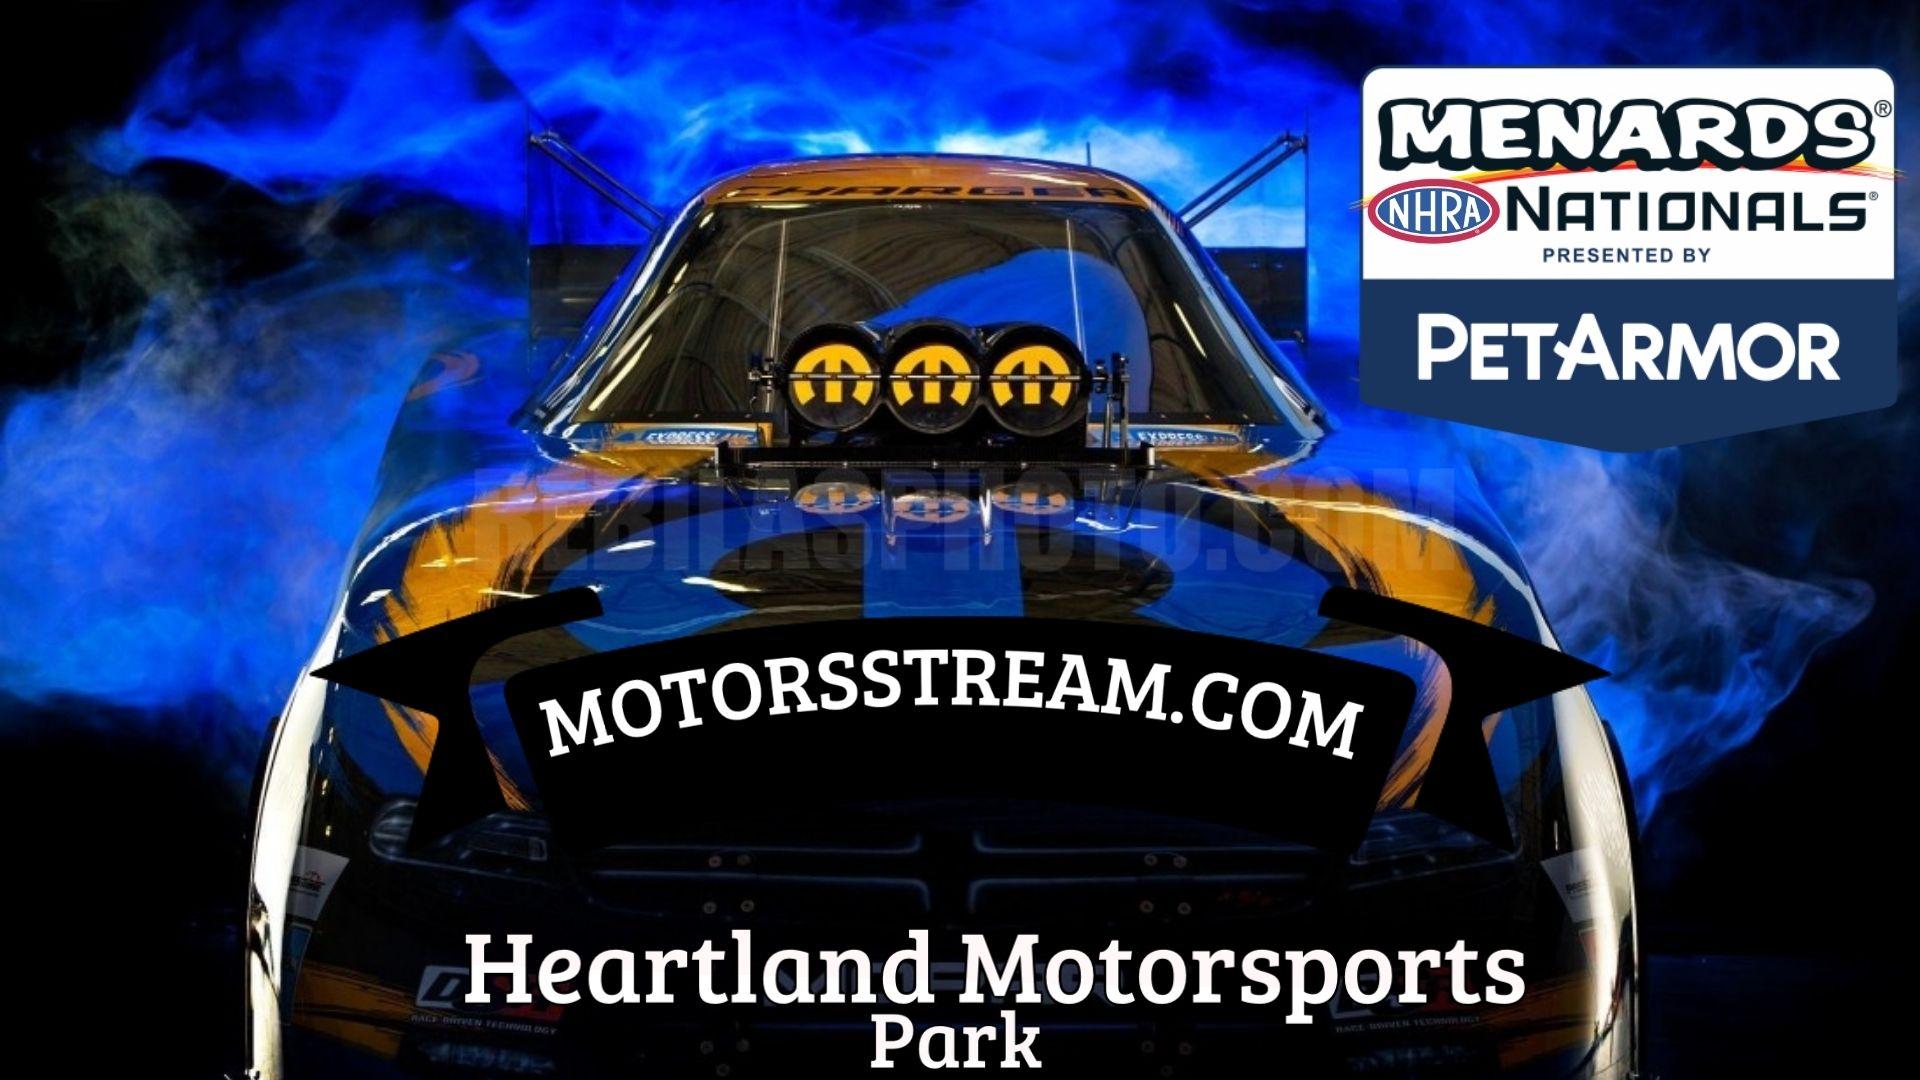 Menards NHRA Nationals 2021 Live Stream